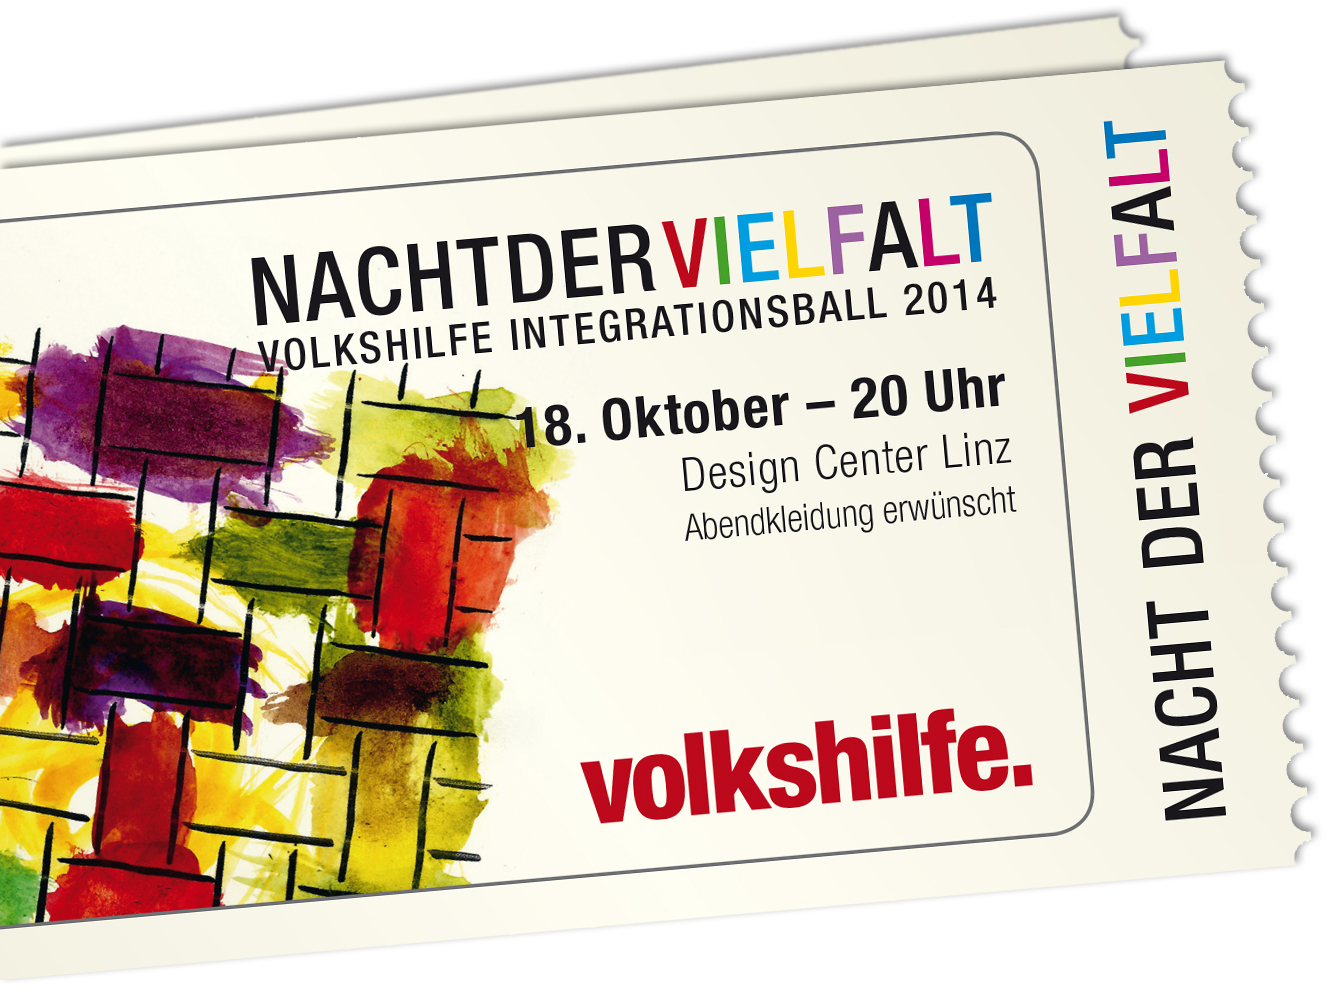 Jetzt Tickets für die Nacht der Vielfalt sichern!